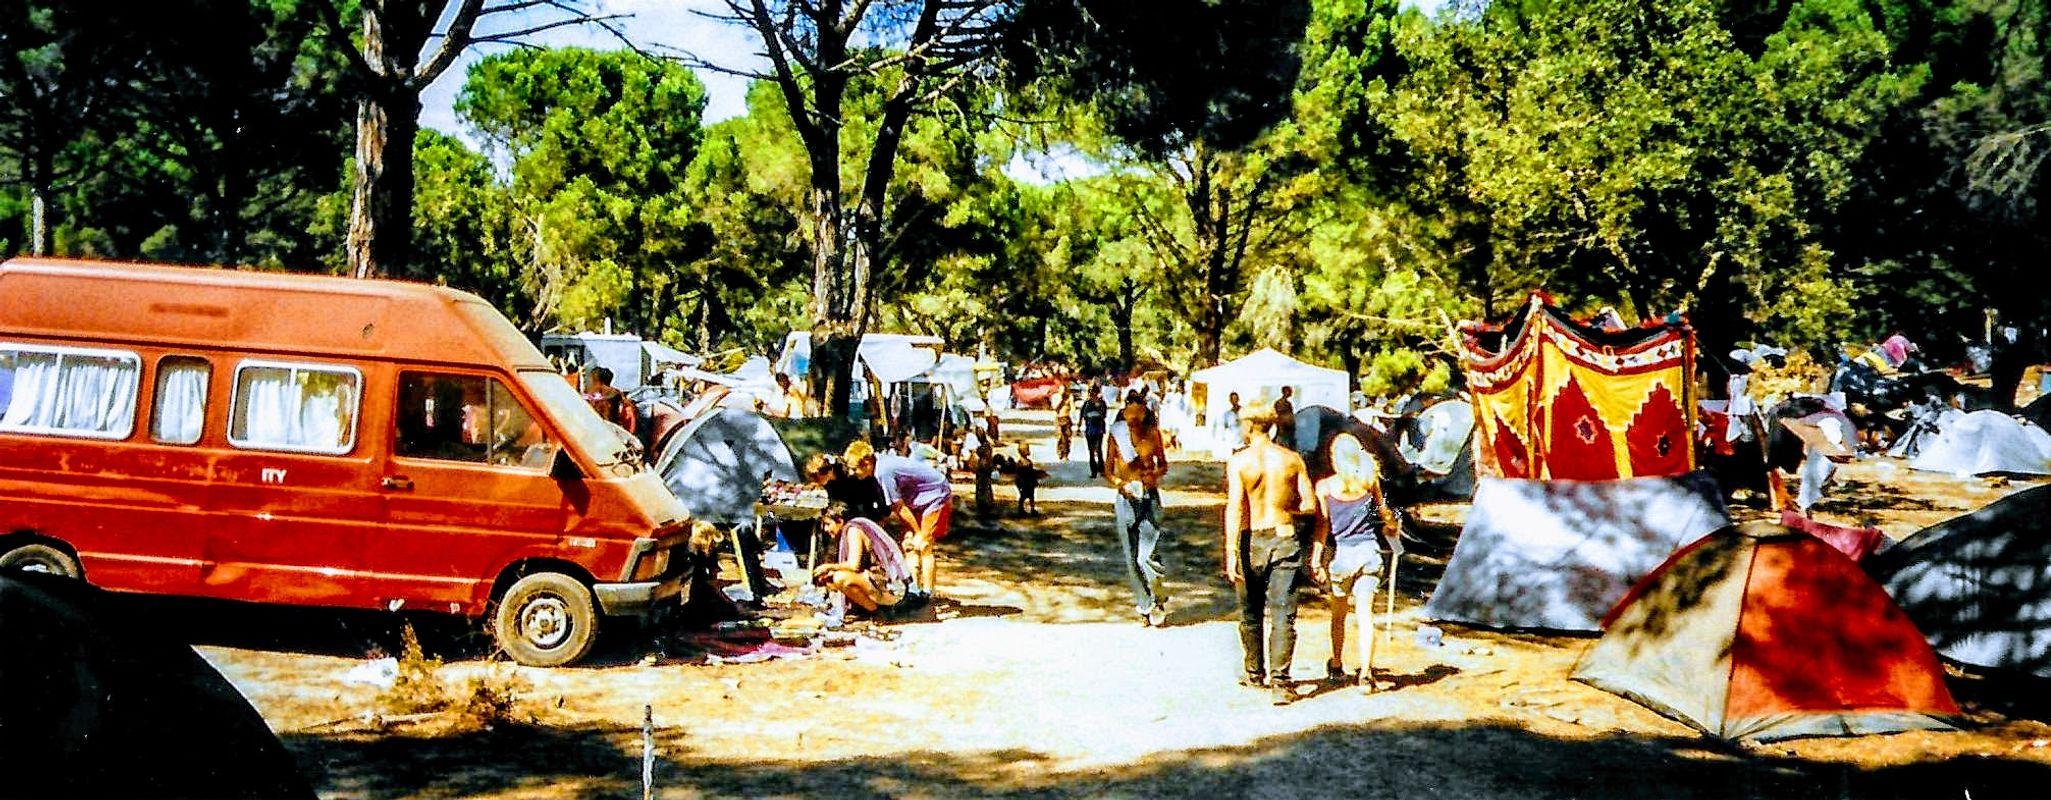 Portugal_Boom_Festival 2